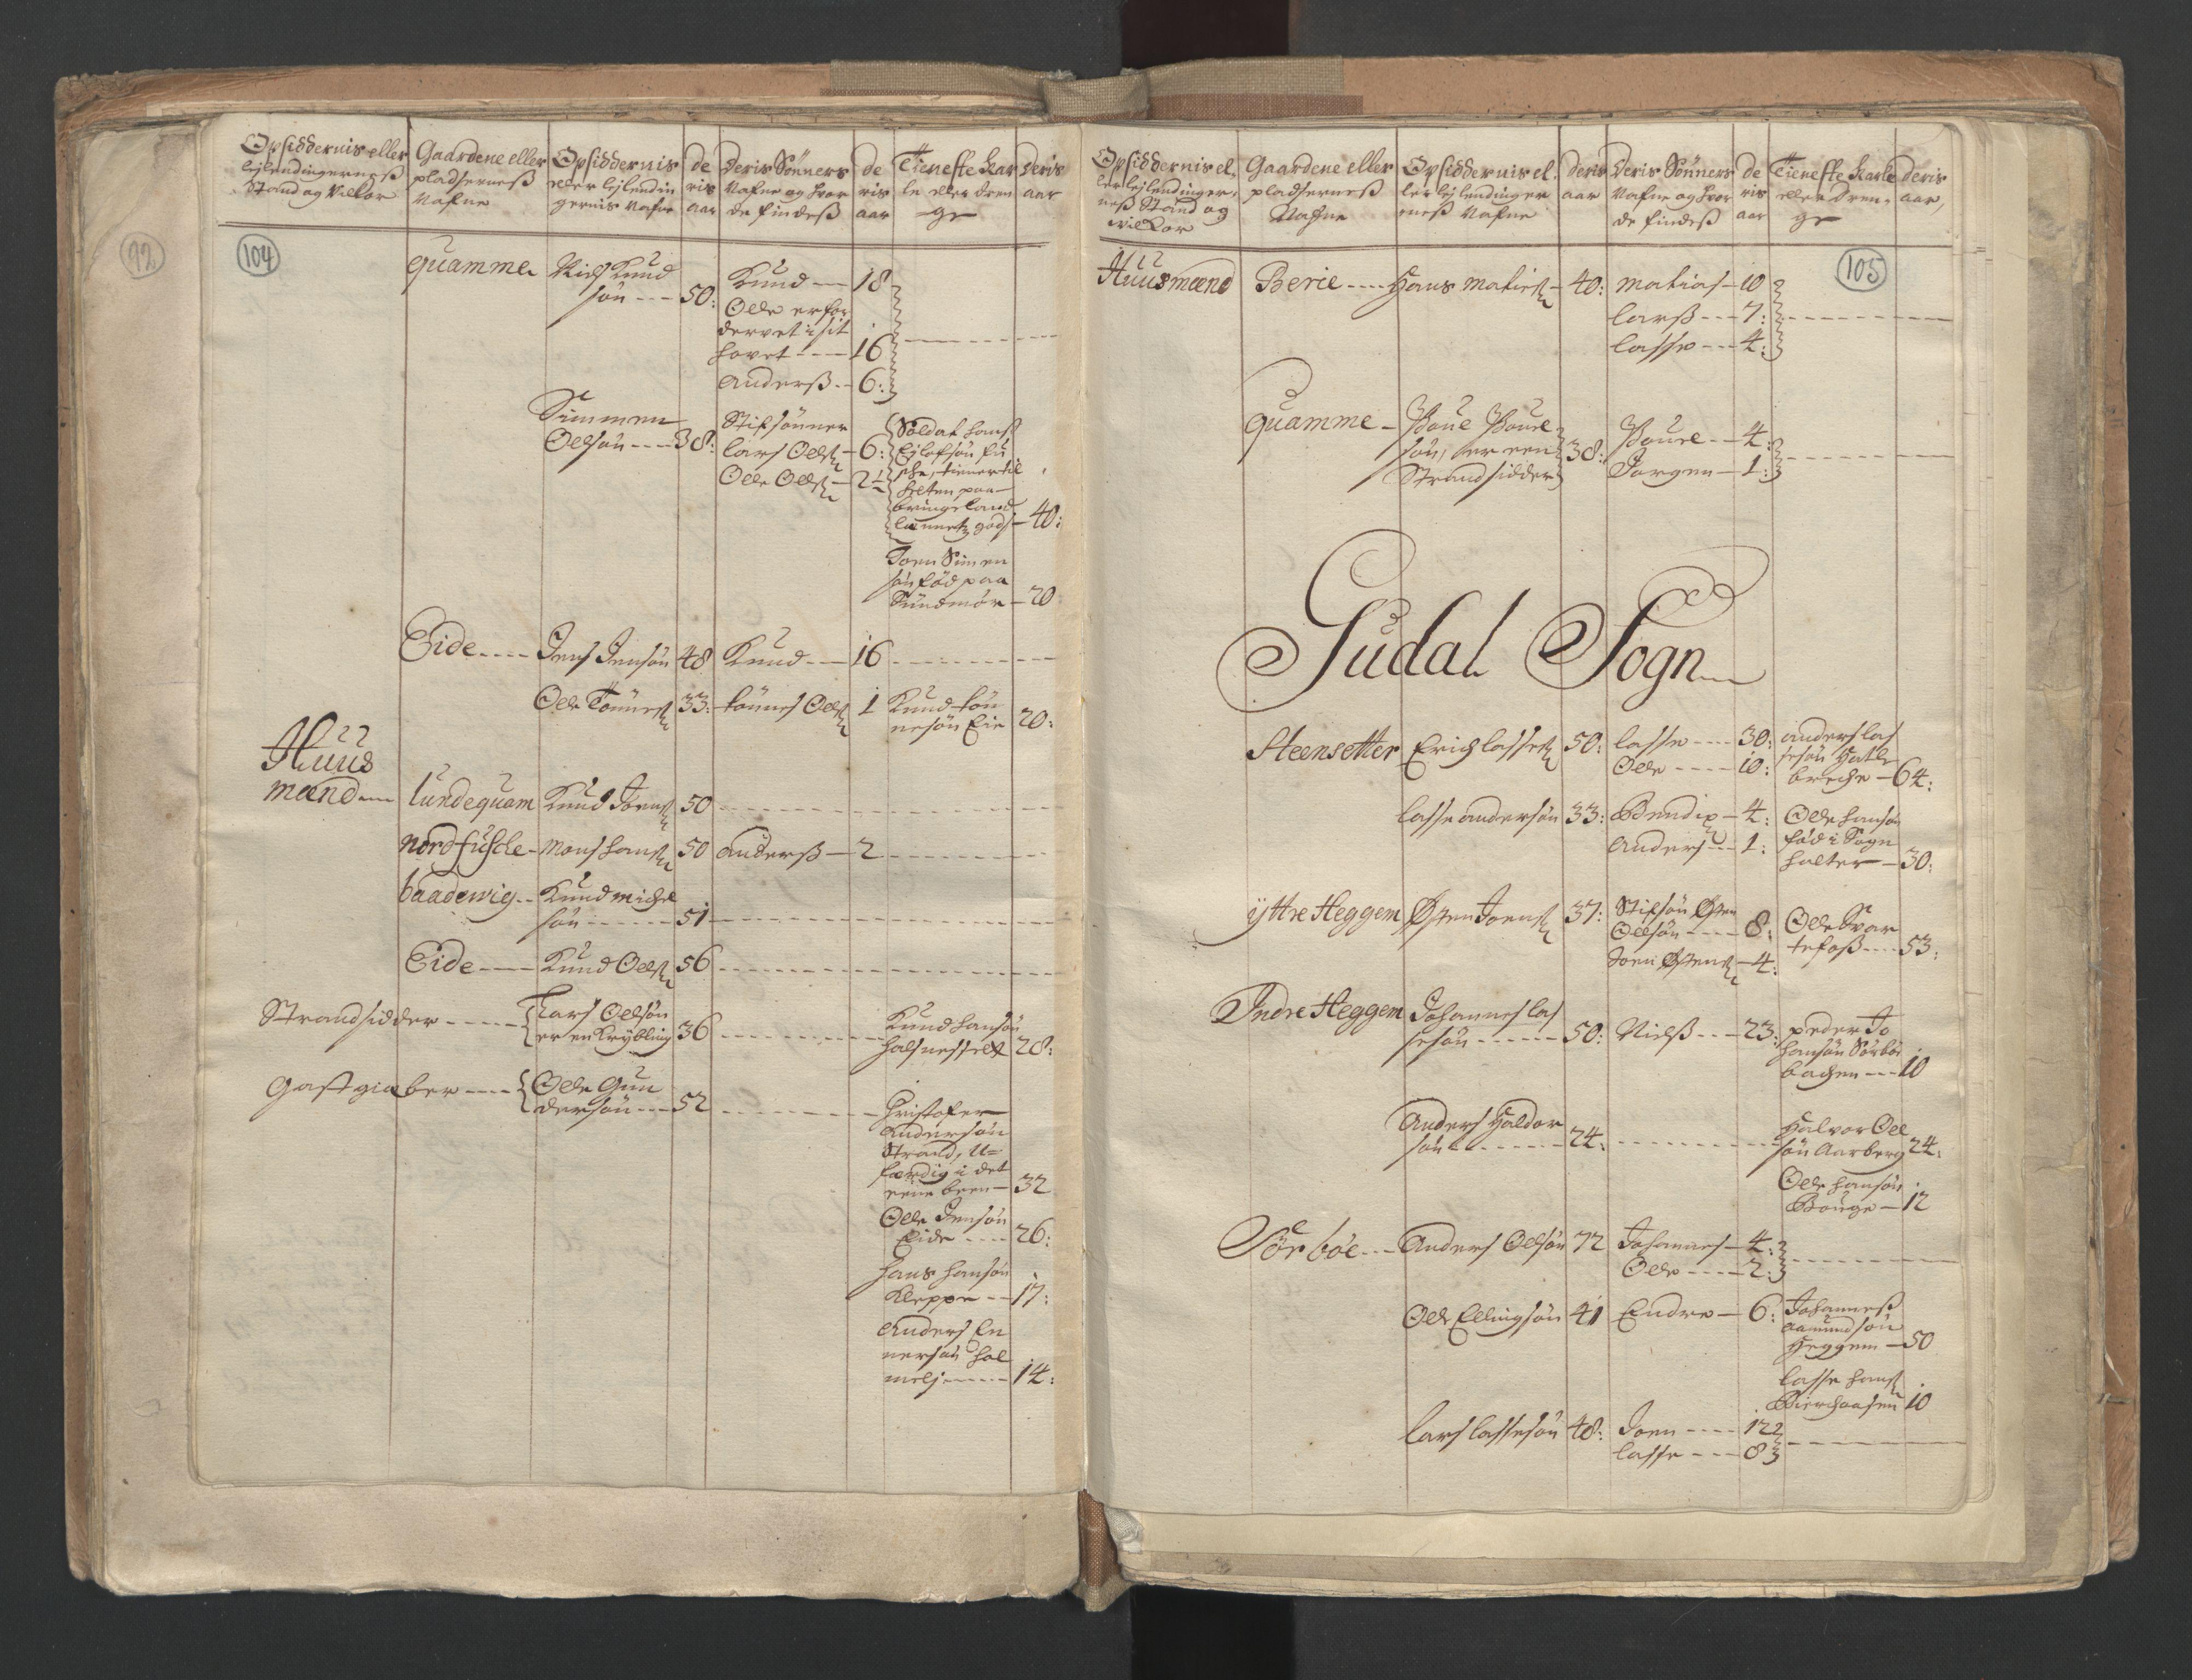 RA, Manntallet 1701, nr. 9: Sunnfjord fogderi, Nordfjord fogderi og Svanø birk, 1701, s. 104-105